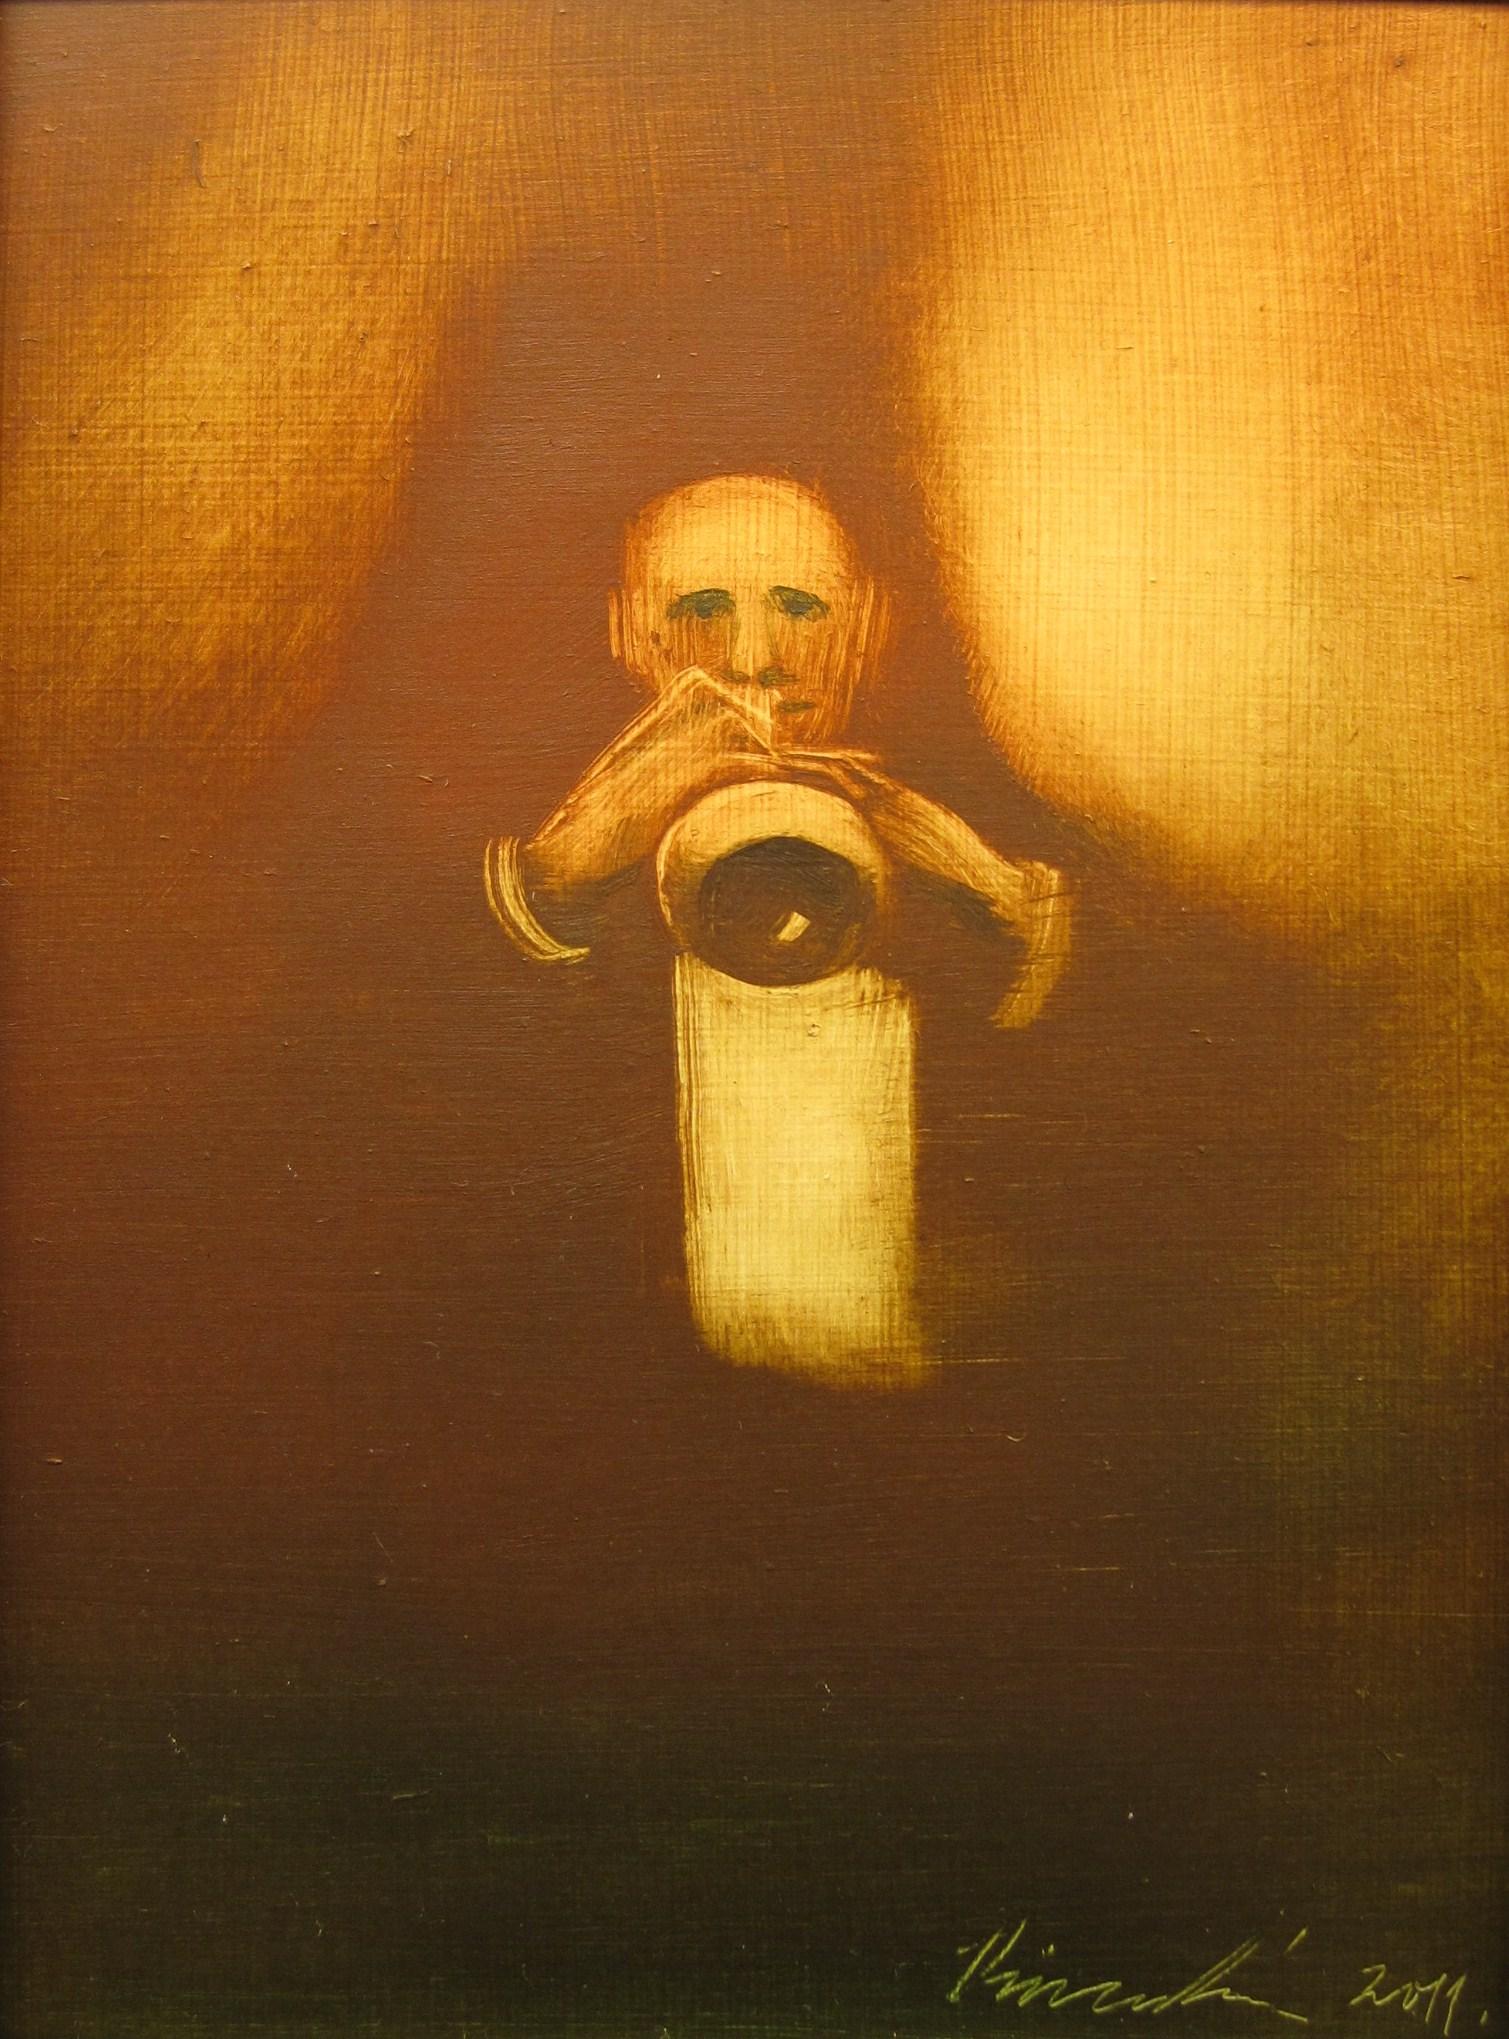 Vinczellér, Imre: The trumpet